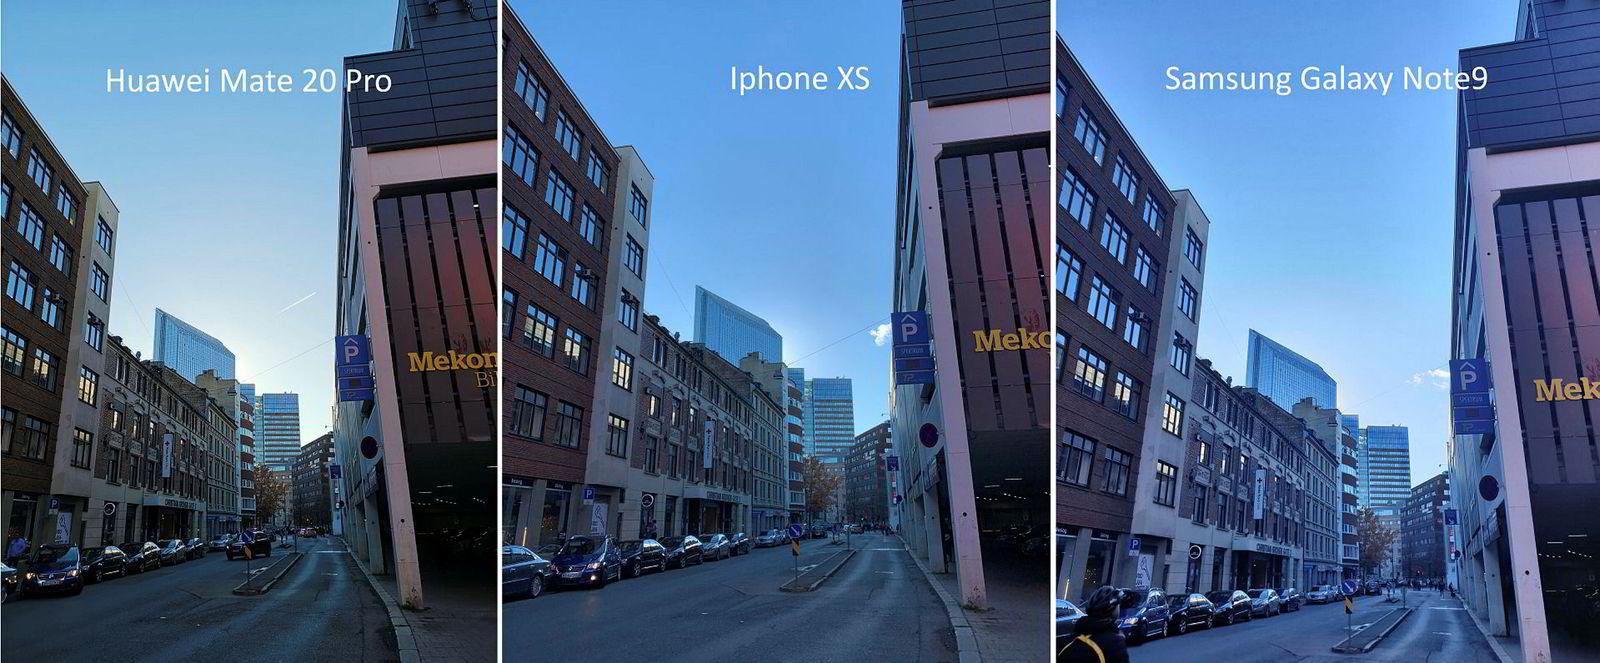 Utendørs høykontrast. Formålet er å se hvordan telefonene håndterer kontrast.